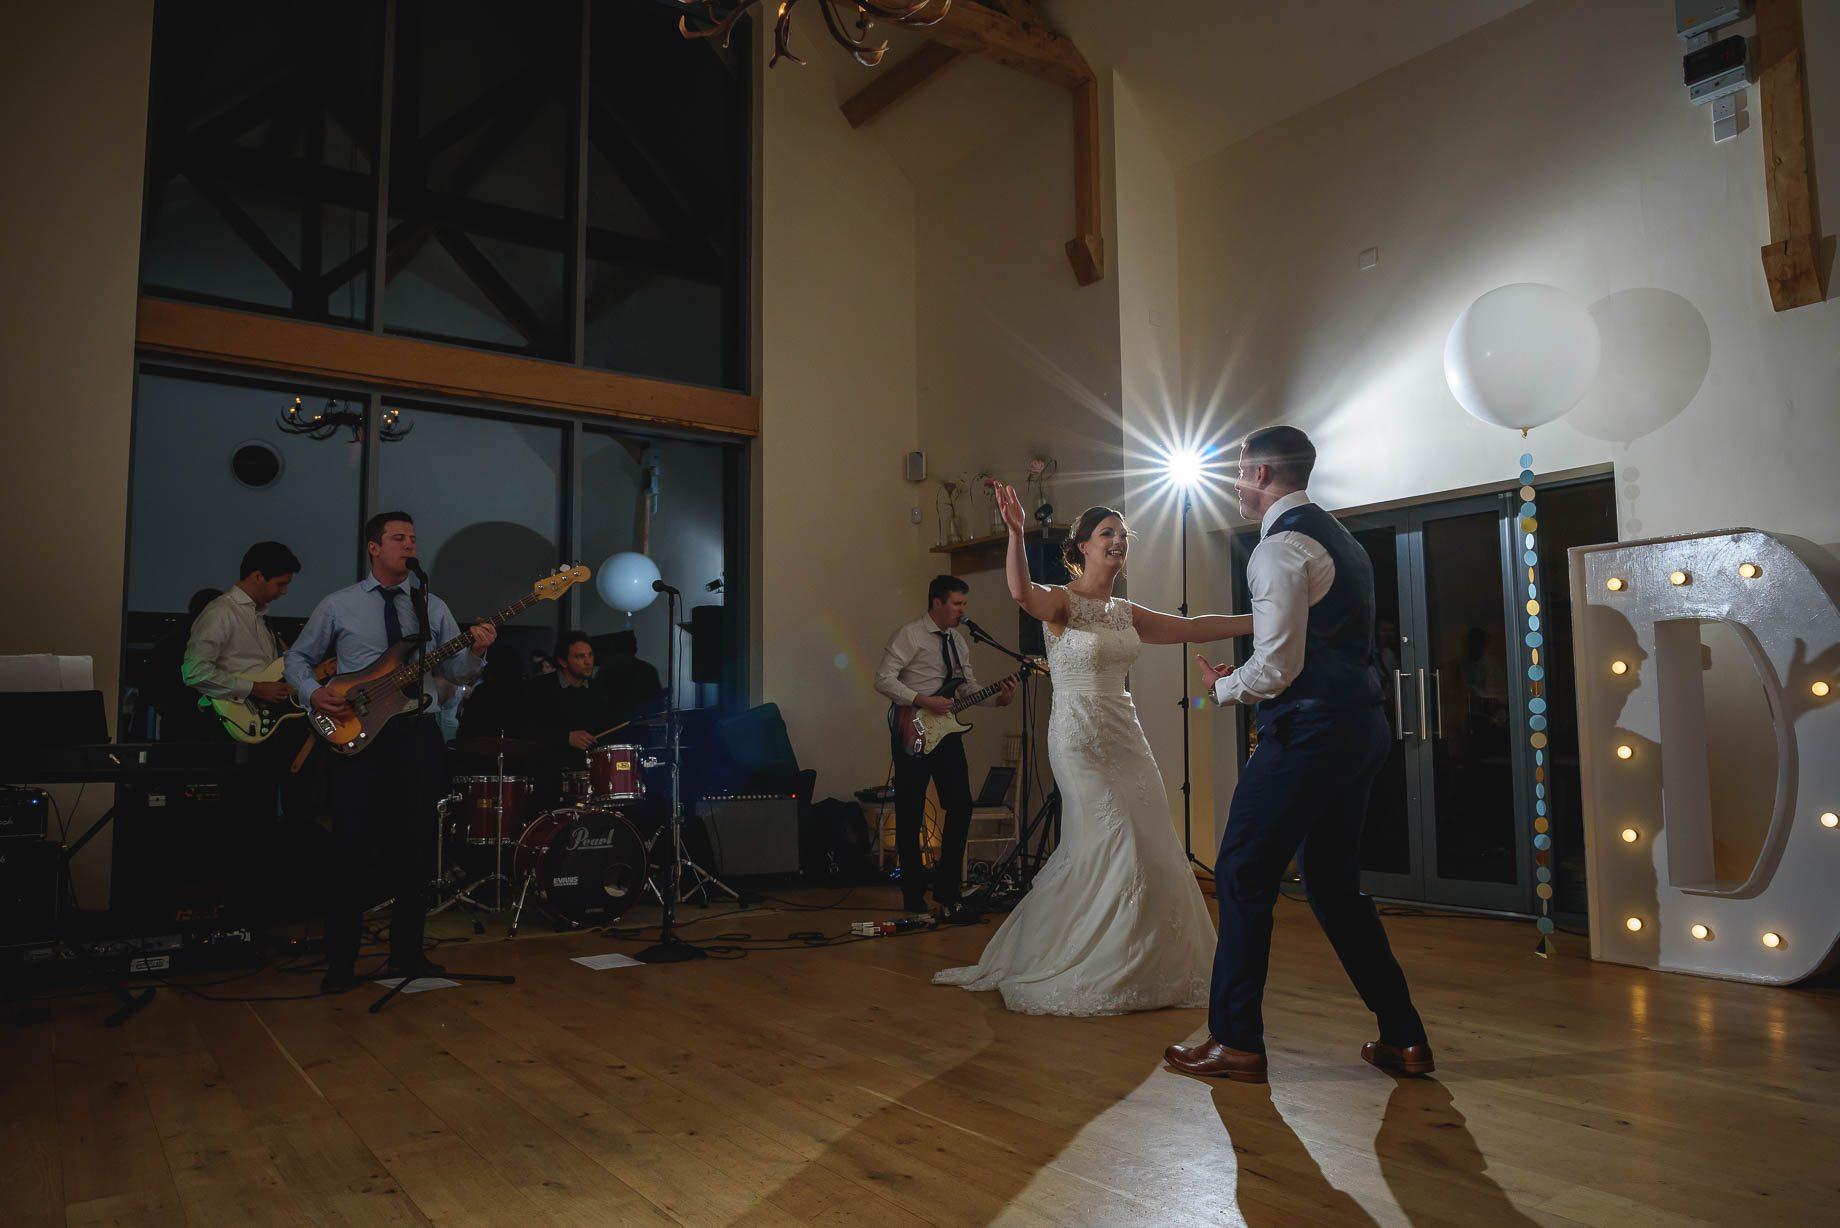 Millbridge Court Wedding Photography - Lisa and Daniel (165 of 173)